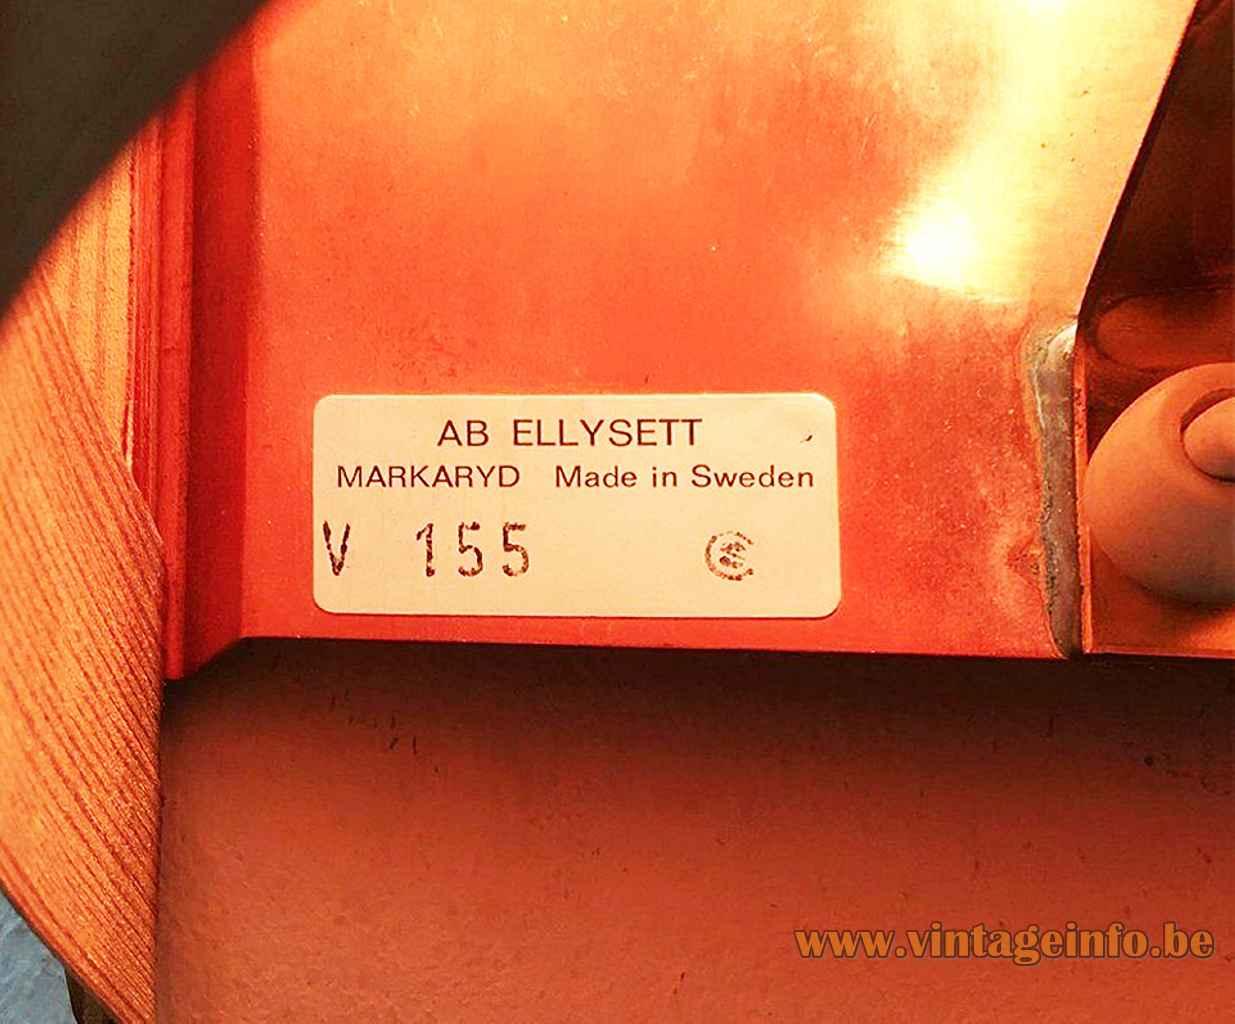 Hans-Agne Jakobsson Edda wall lamp rectangular paper label V155 AB Ellysett Sweden 1961 design E27 socket